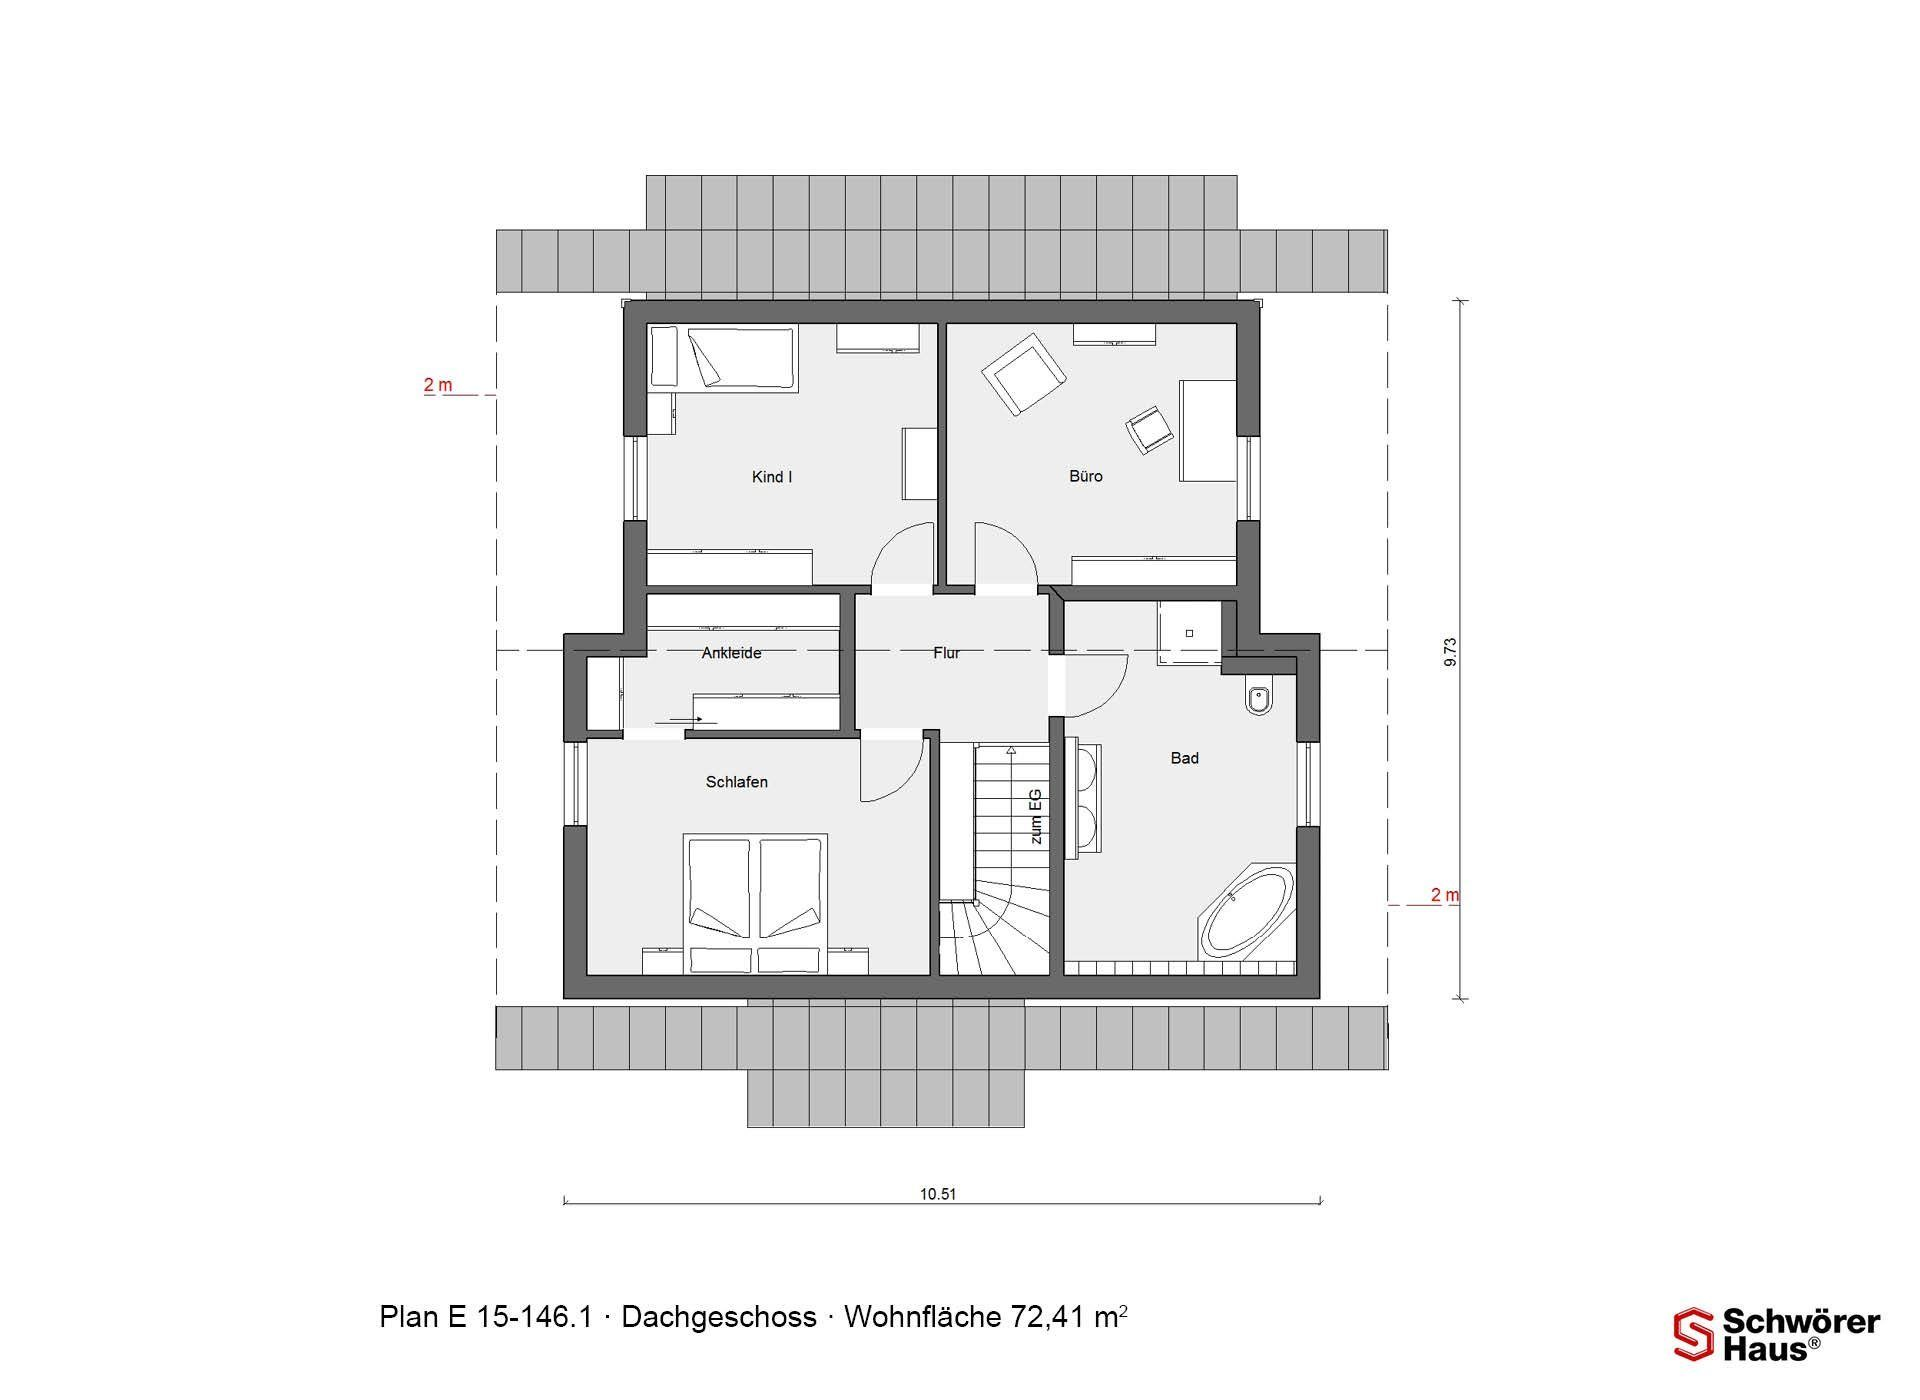 Plan E 15-146.1 - Eine Nahaufnahme von einem Logo - Gebäudeplan